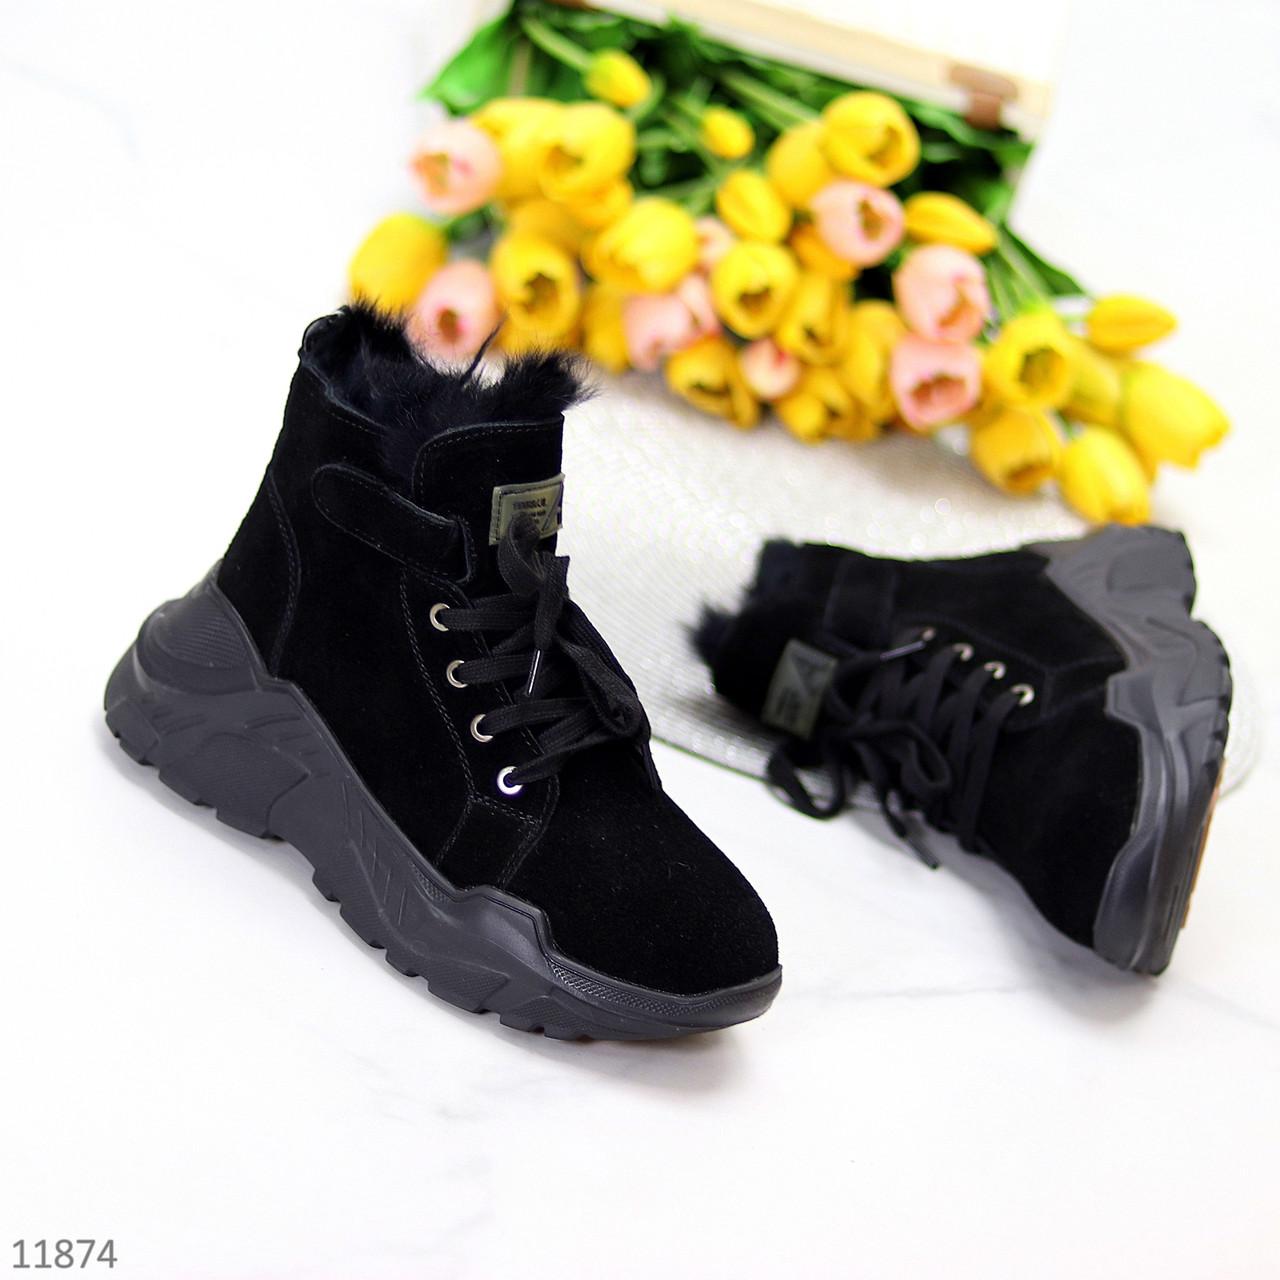 Модные черные замшевые женские зимние ботинки на невысокой платформе